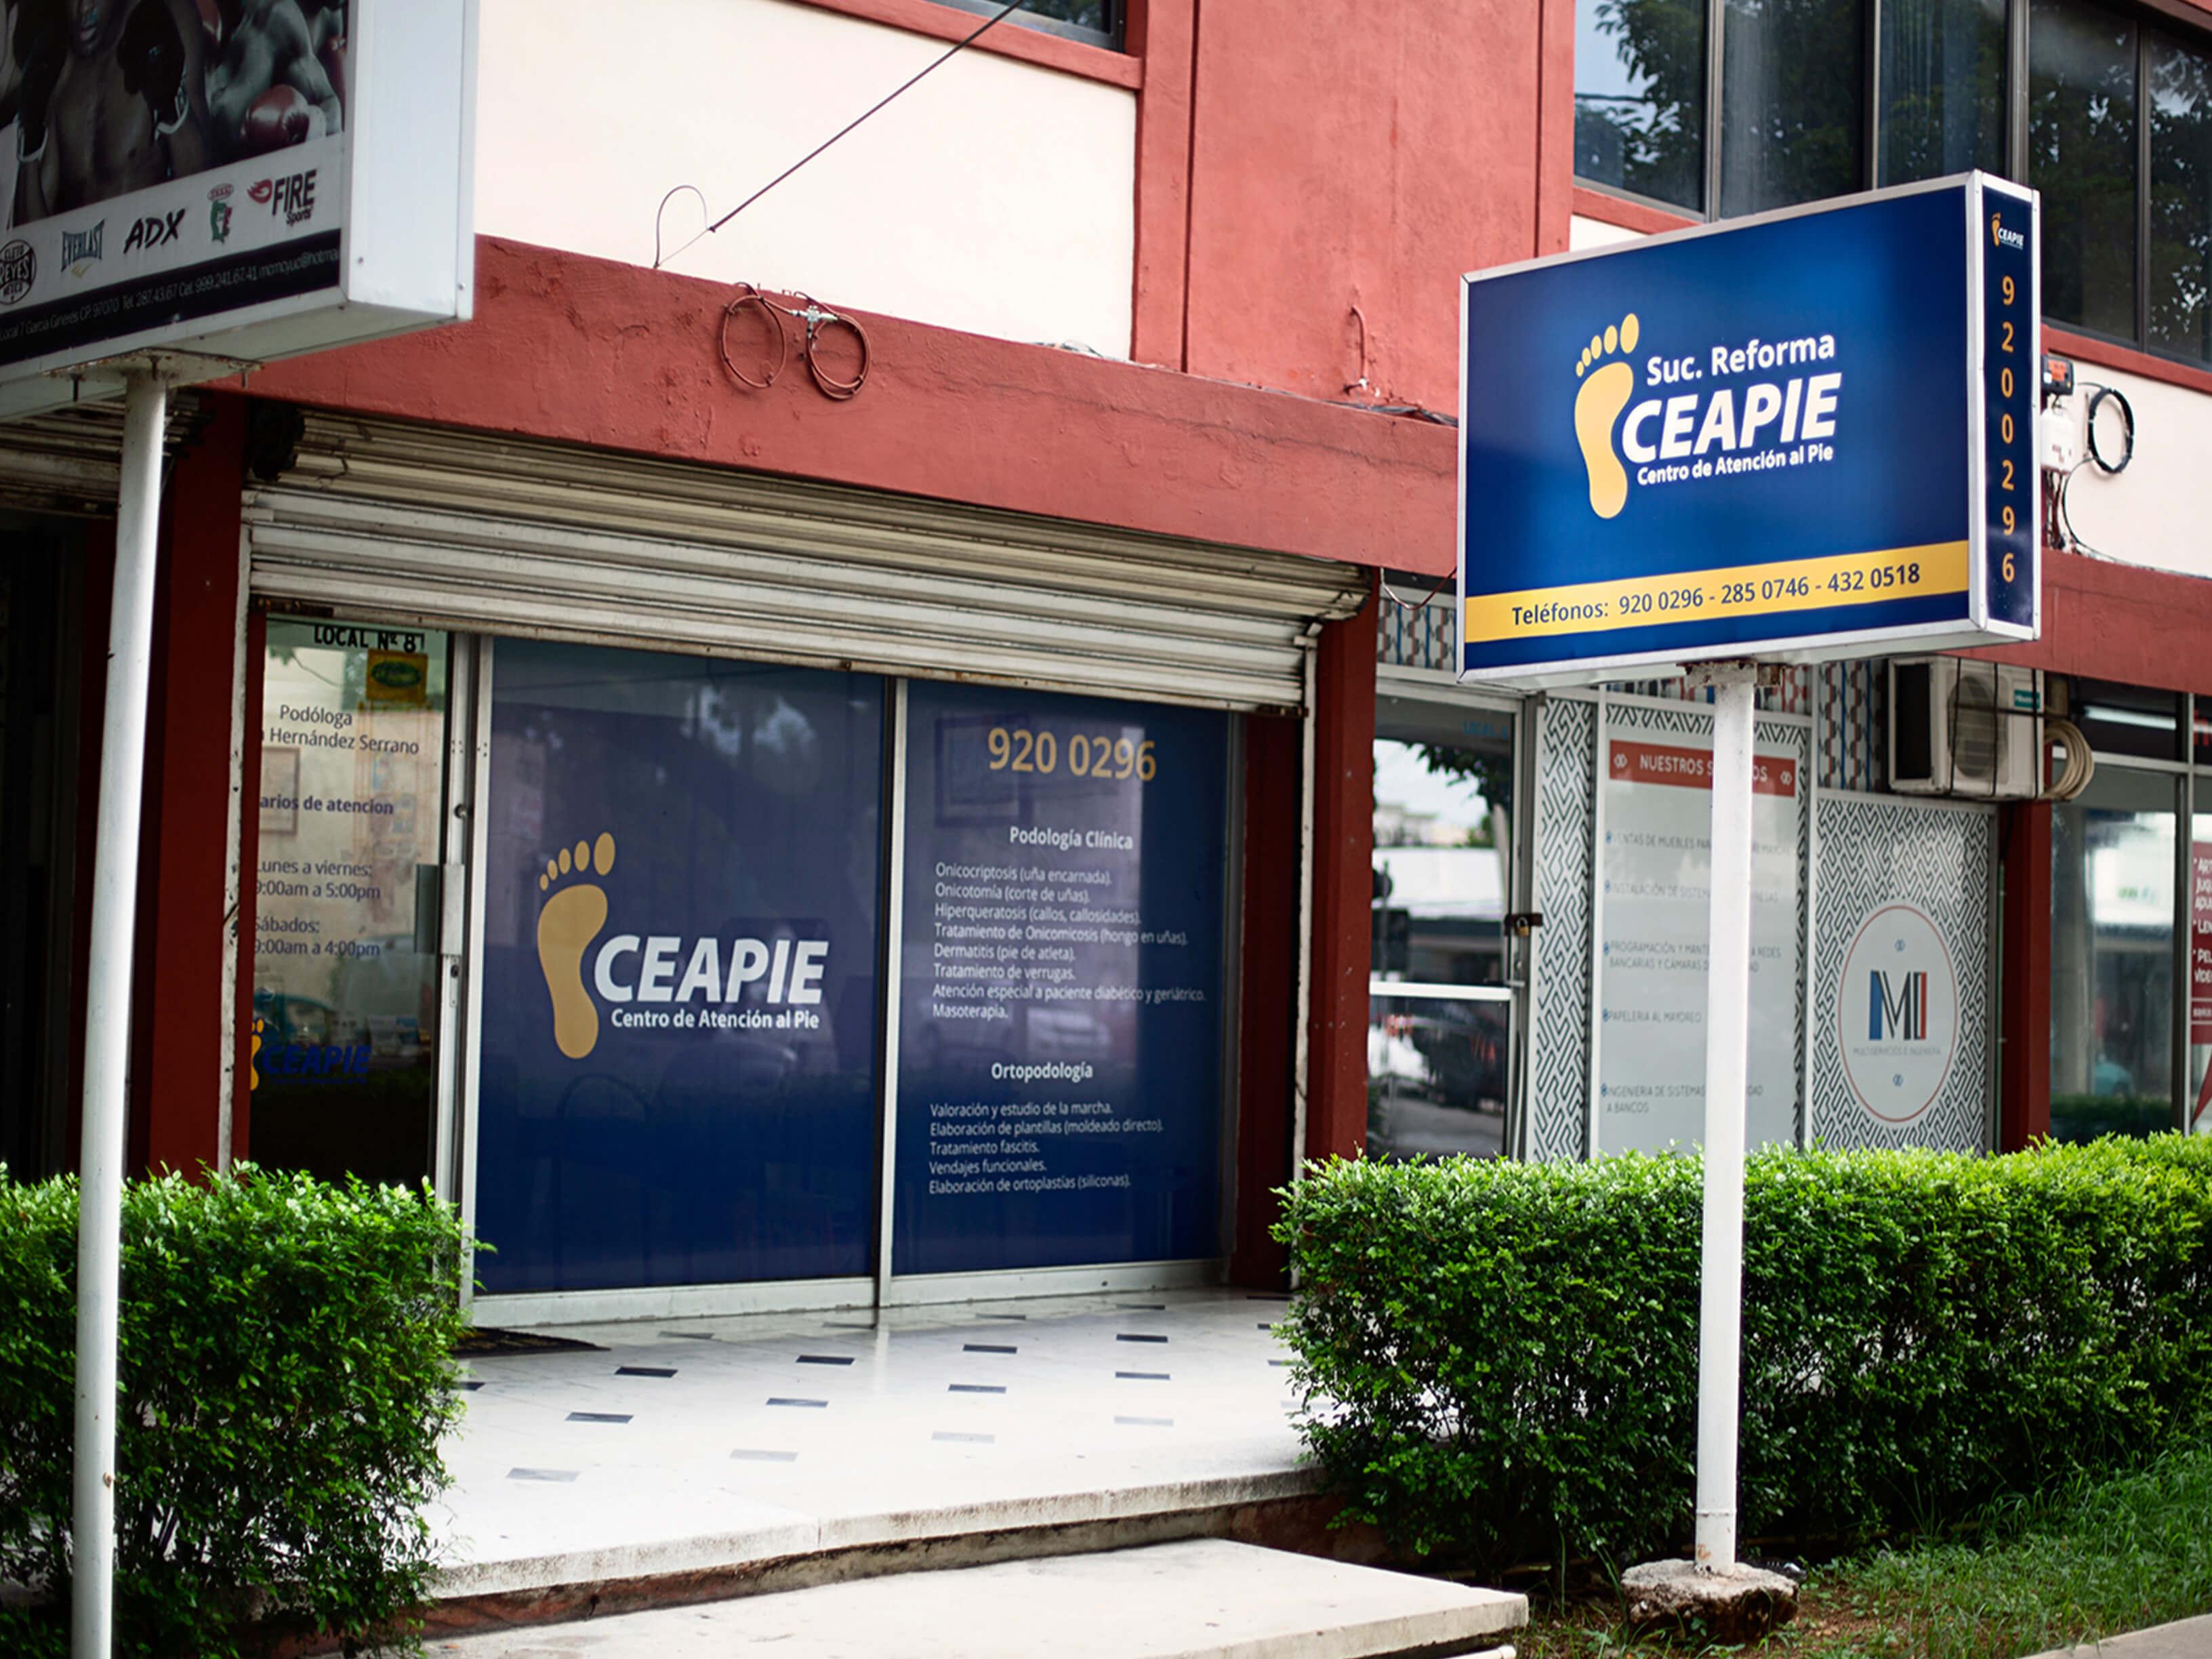 CEAPIE-Reforma-Después-1